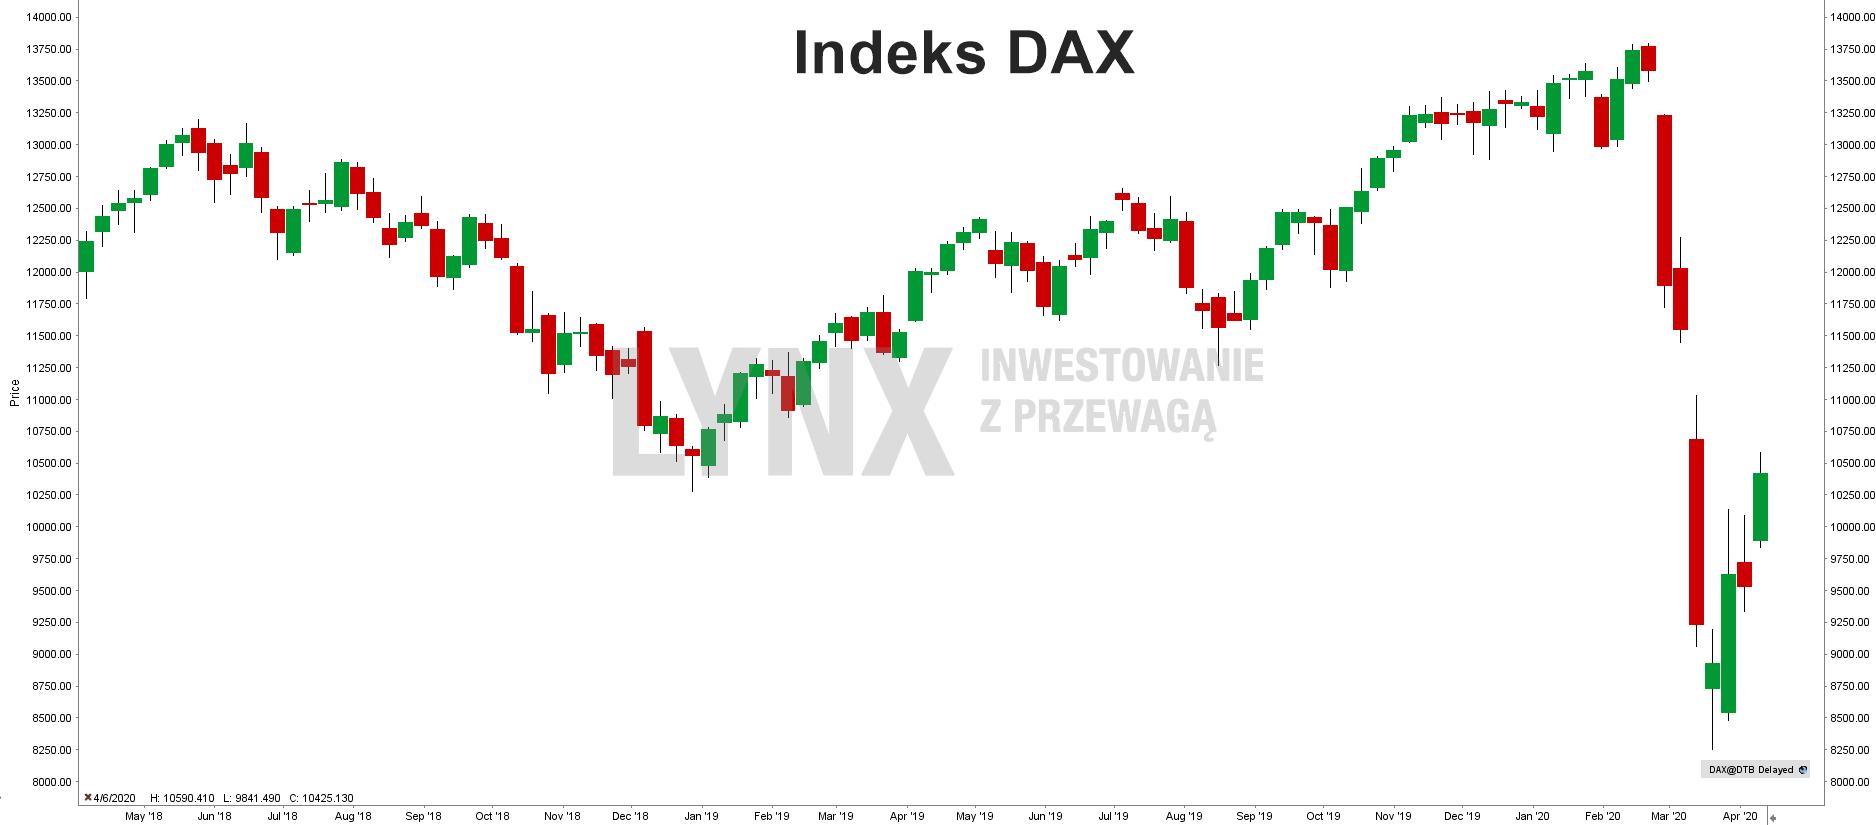 Wykres indeksu DAX